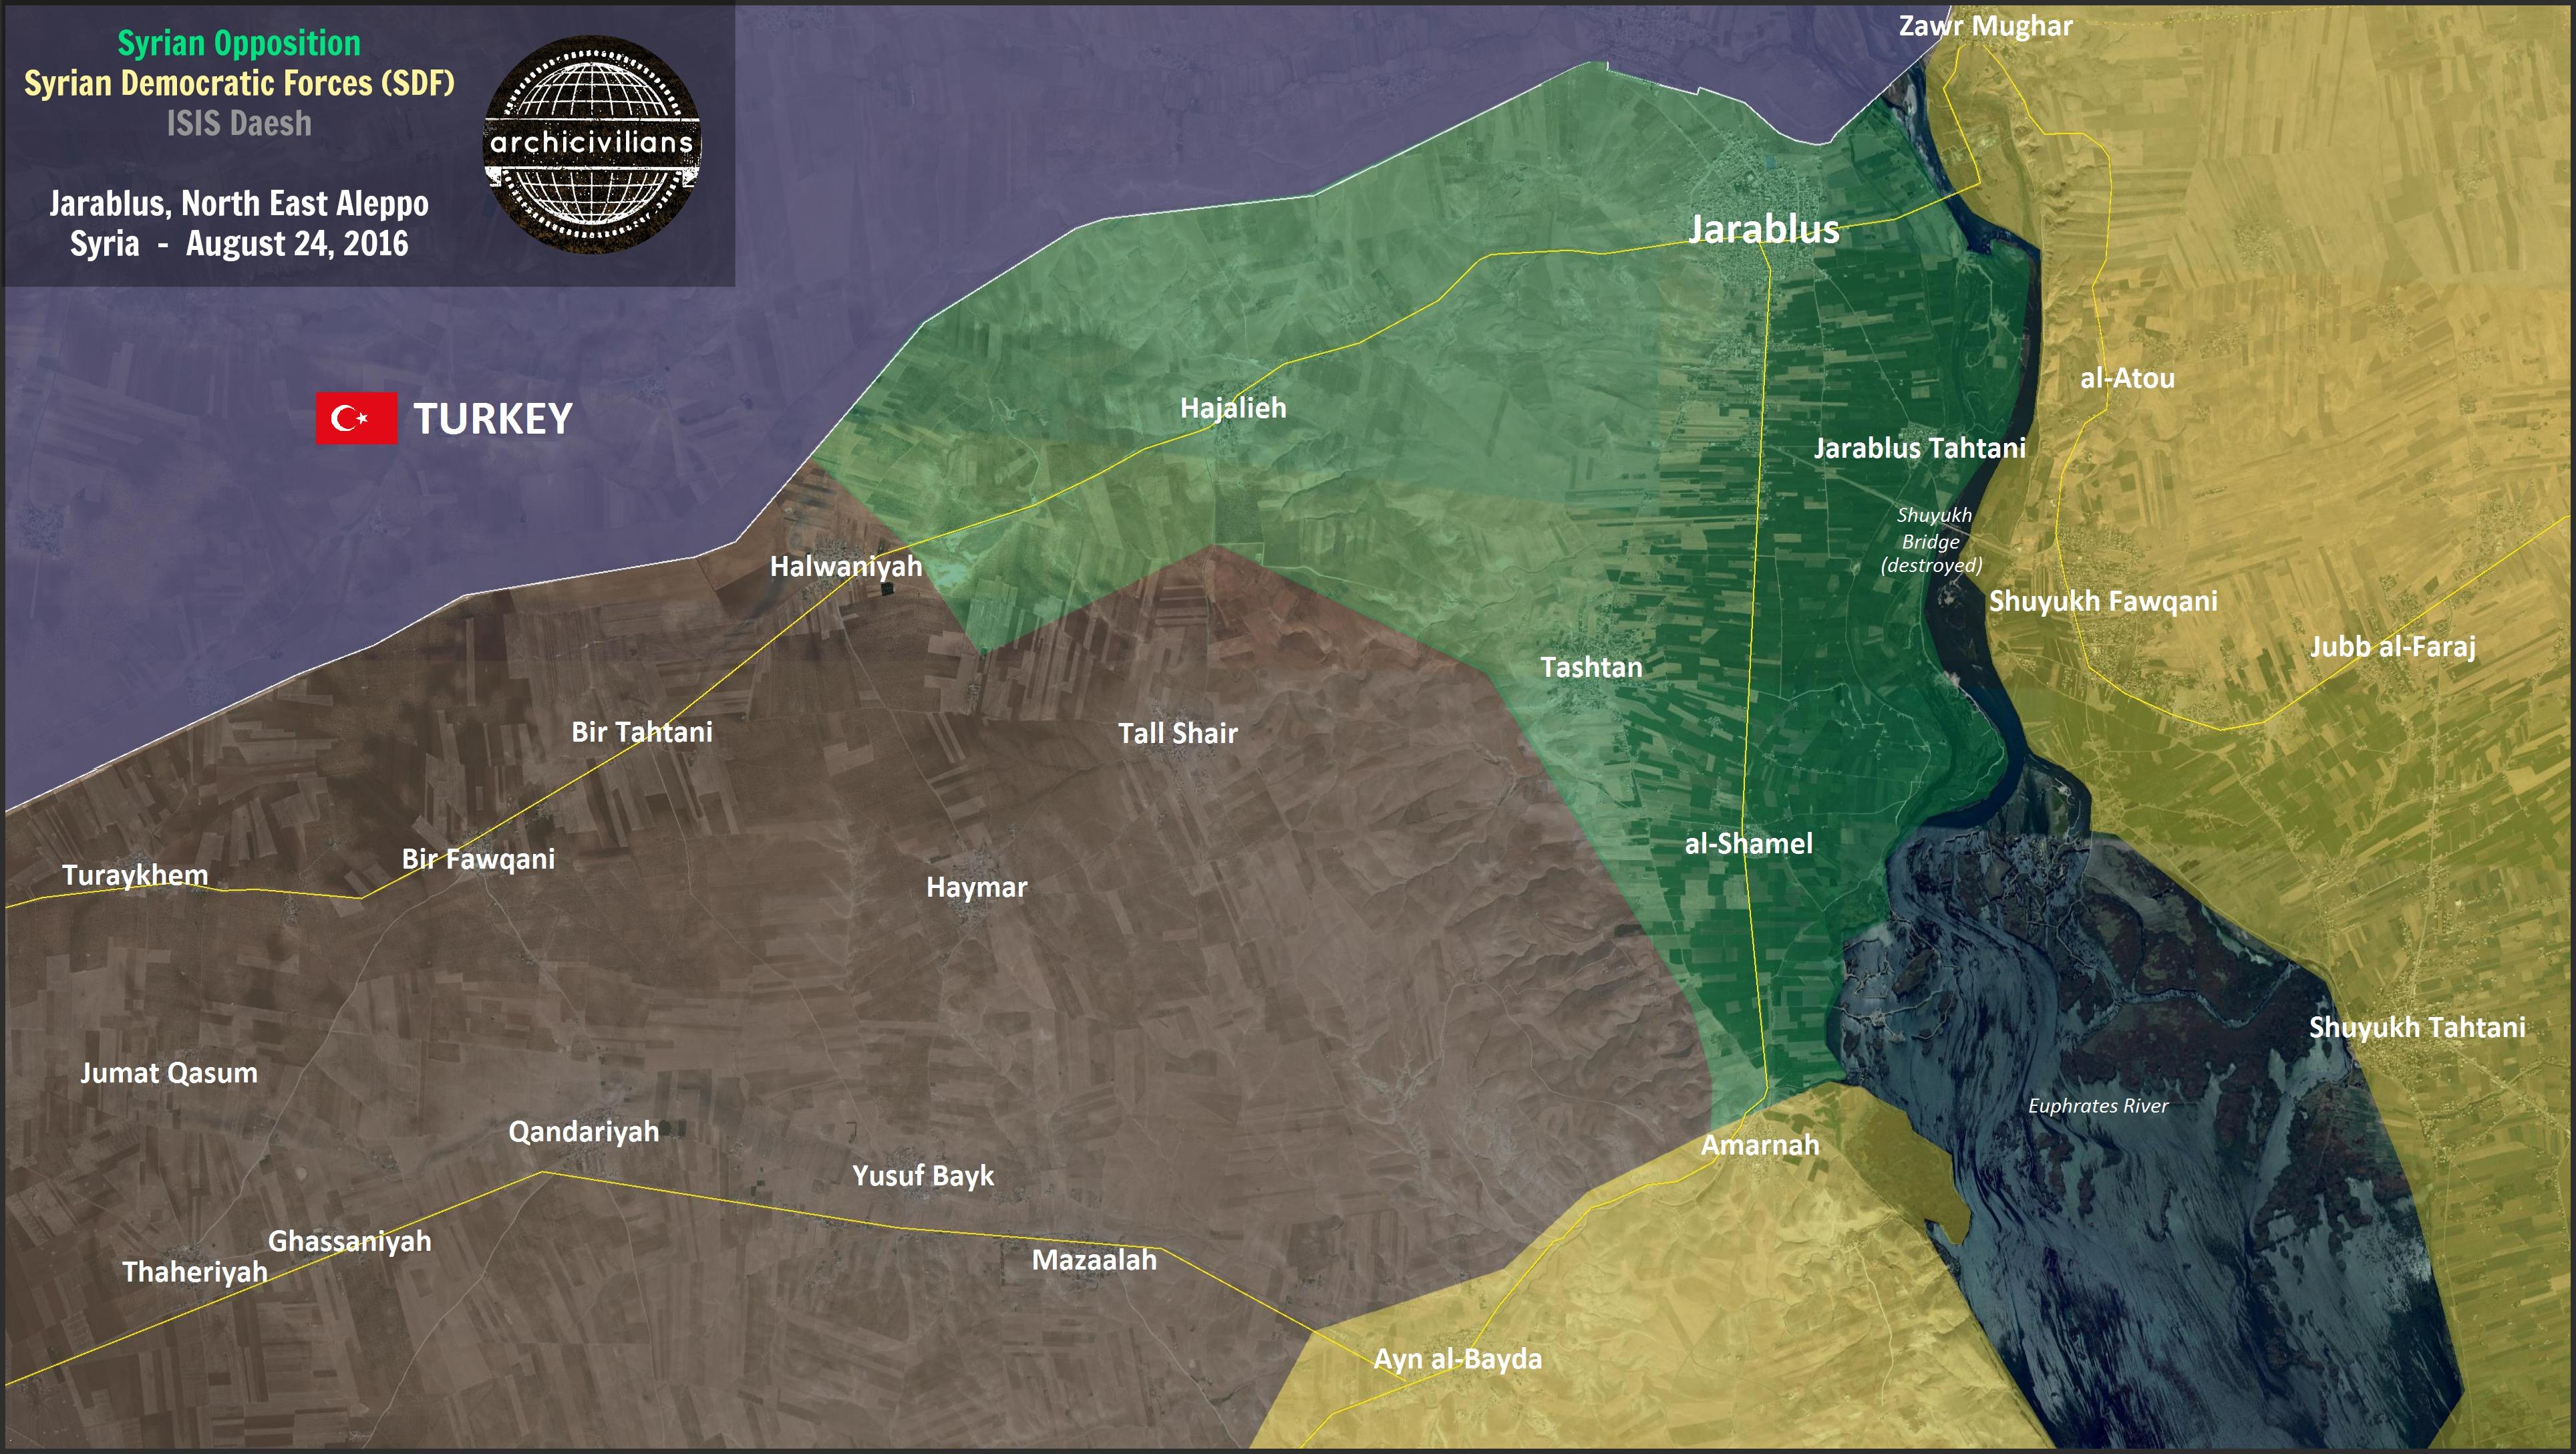 Новый фронт против ИГИЛ (запр. в РФ тер. орг), Яраблус в руках сирийской оппозиции